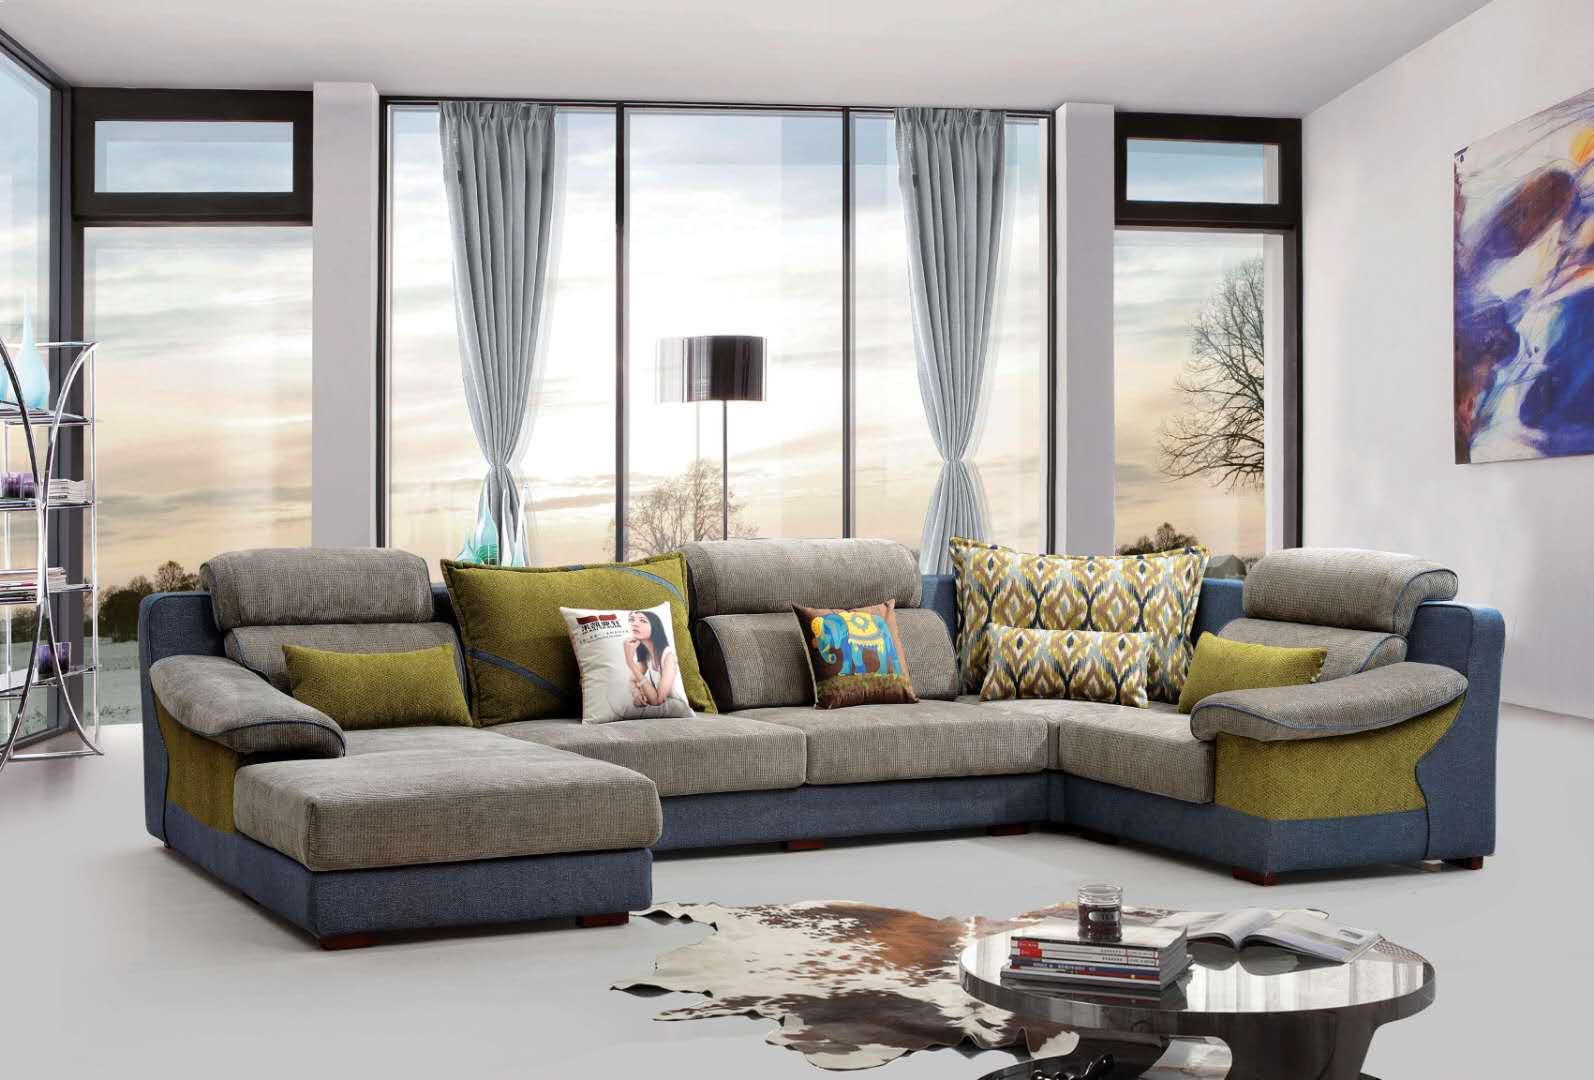 布艺沙发组合小户型北欧家具现代简约客厅整装沙发 北欧风格沙发